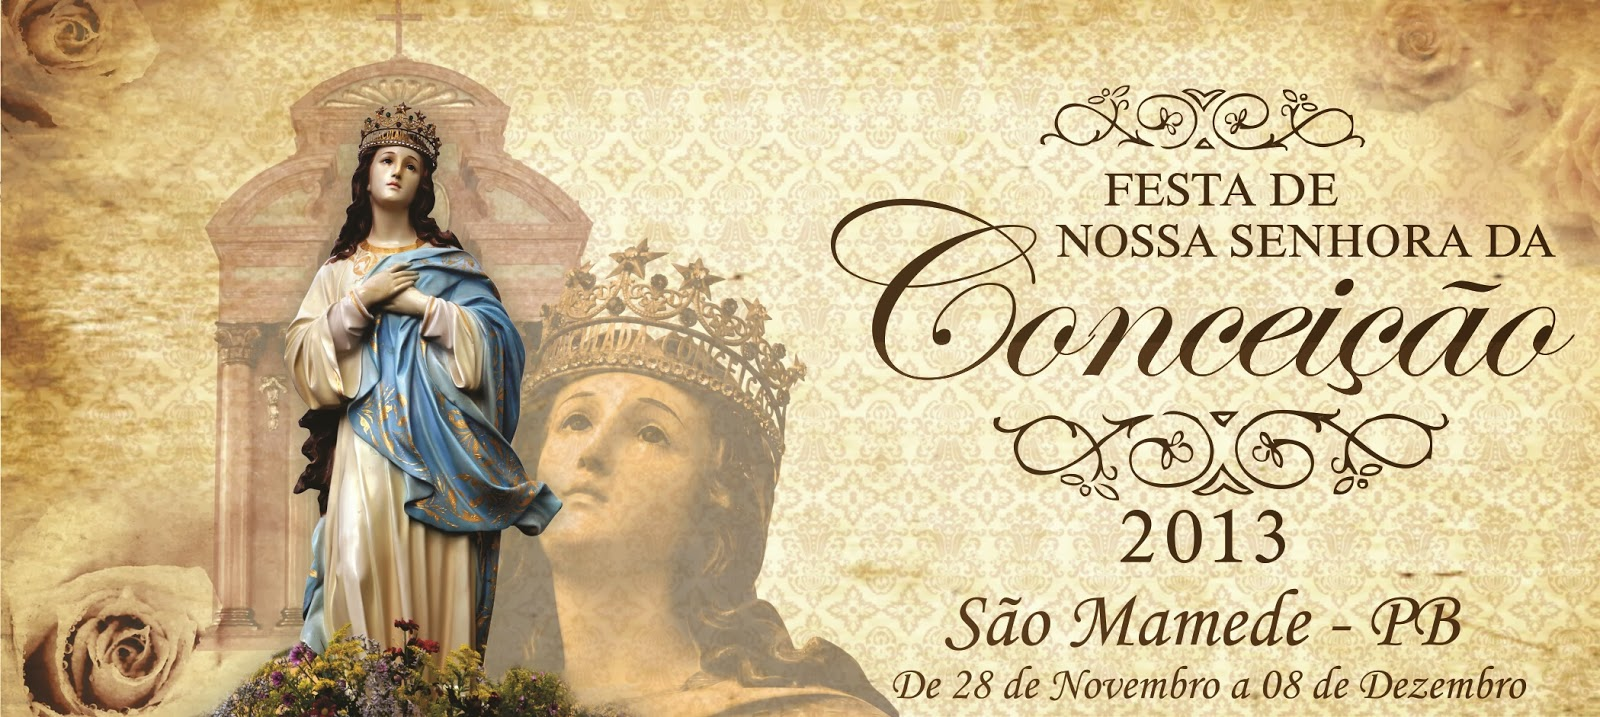 Icatolica Com Nossa Senhora Da Conceição Aparecida: Paróquia De N. S. Da Conceição: FESTA DE NOSSA SENHORA DA